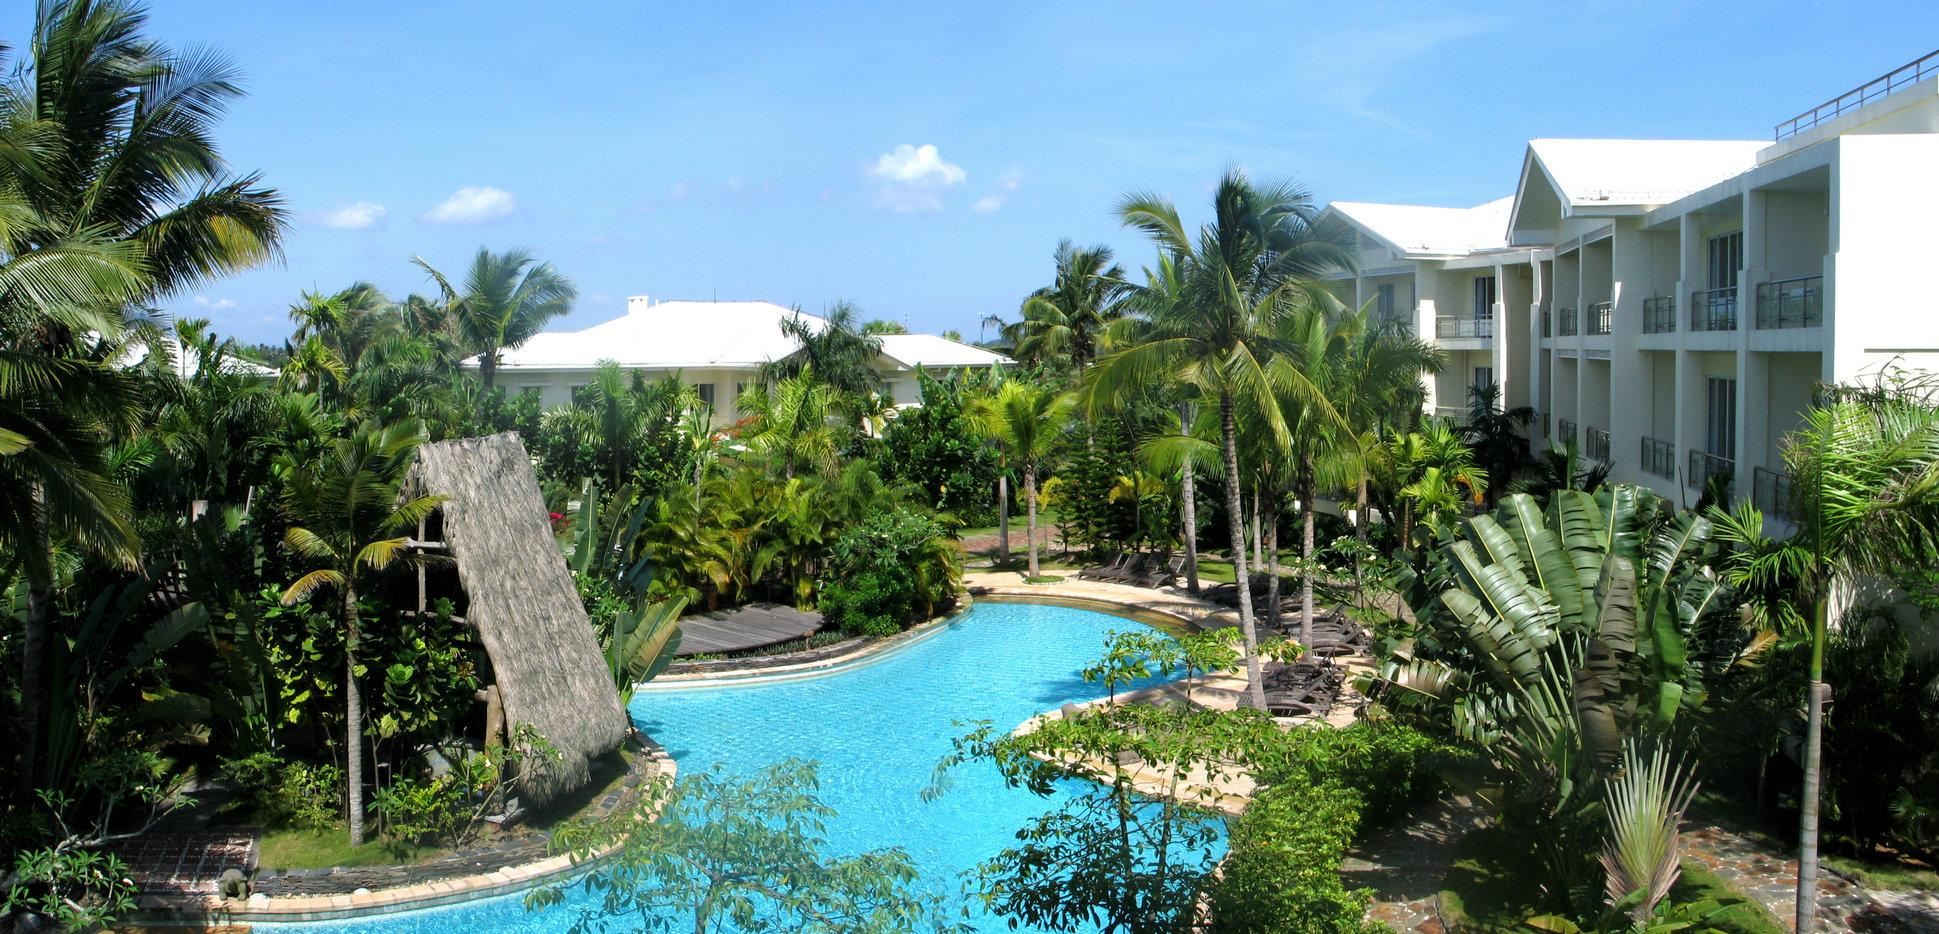 五星酒店 > 博鳌金海岸温泉大酒店     棕榈岛 &